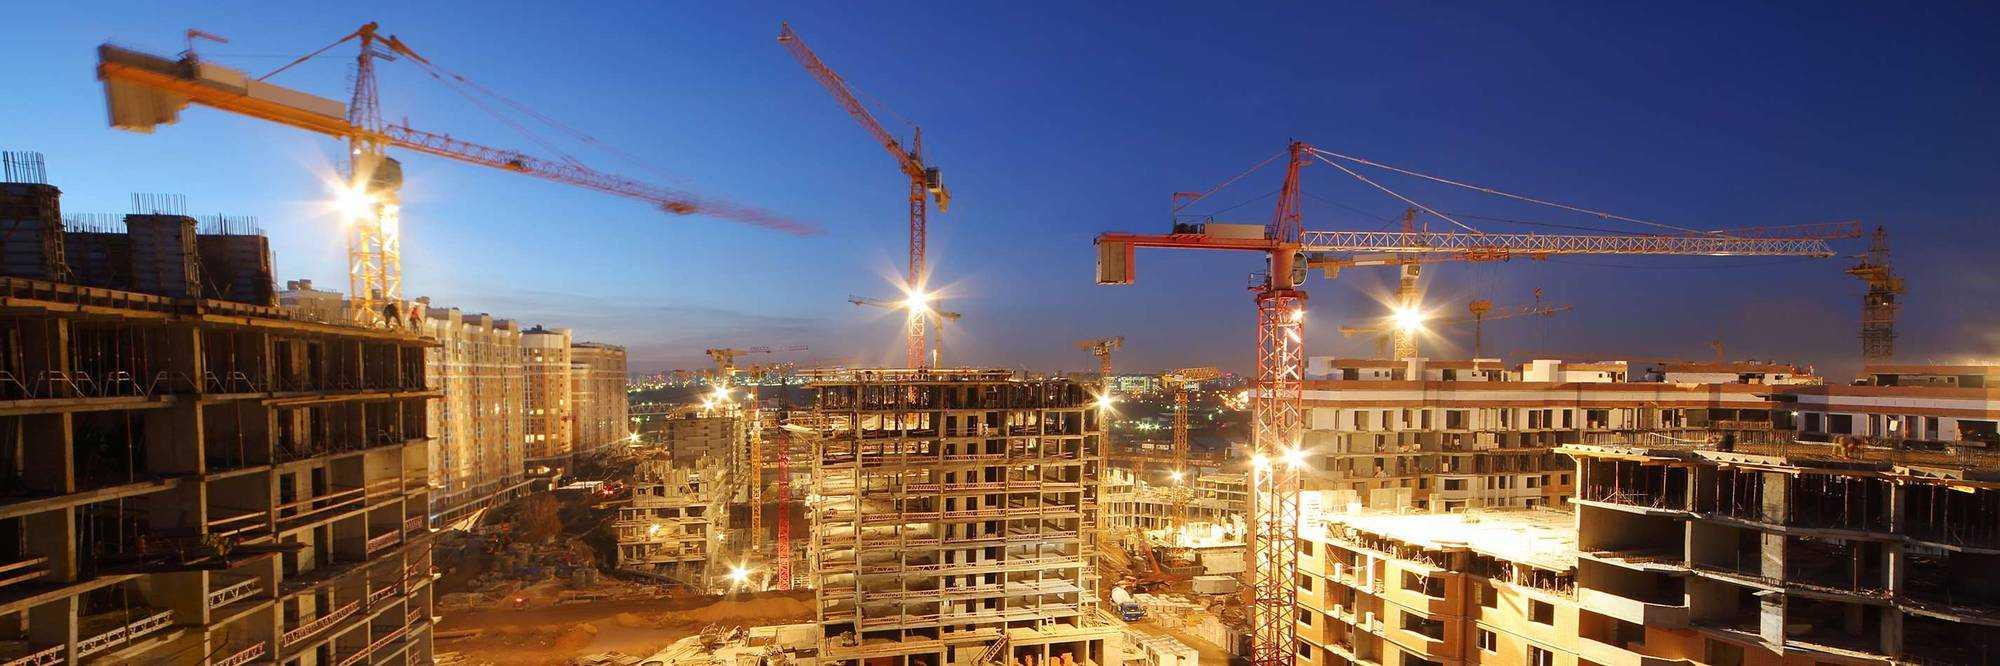 OSHA's Fatal Four: Avoiding Construction's Deadliest Hazards